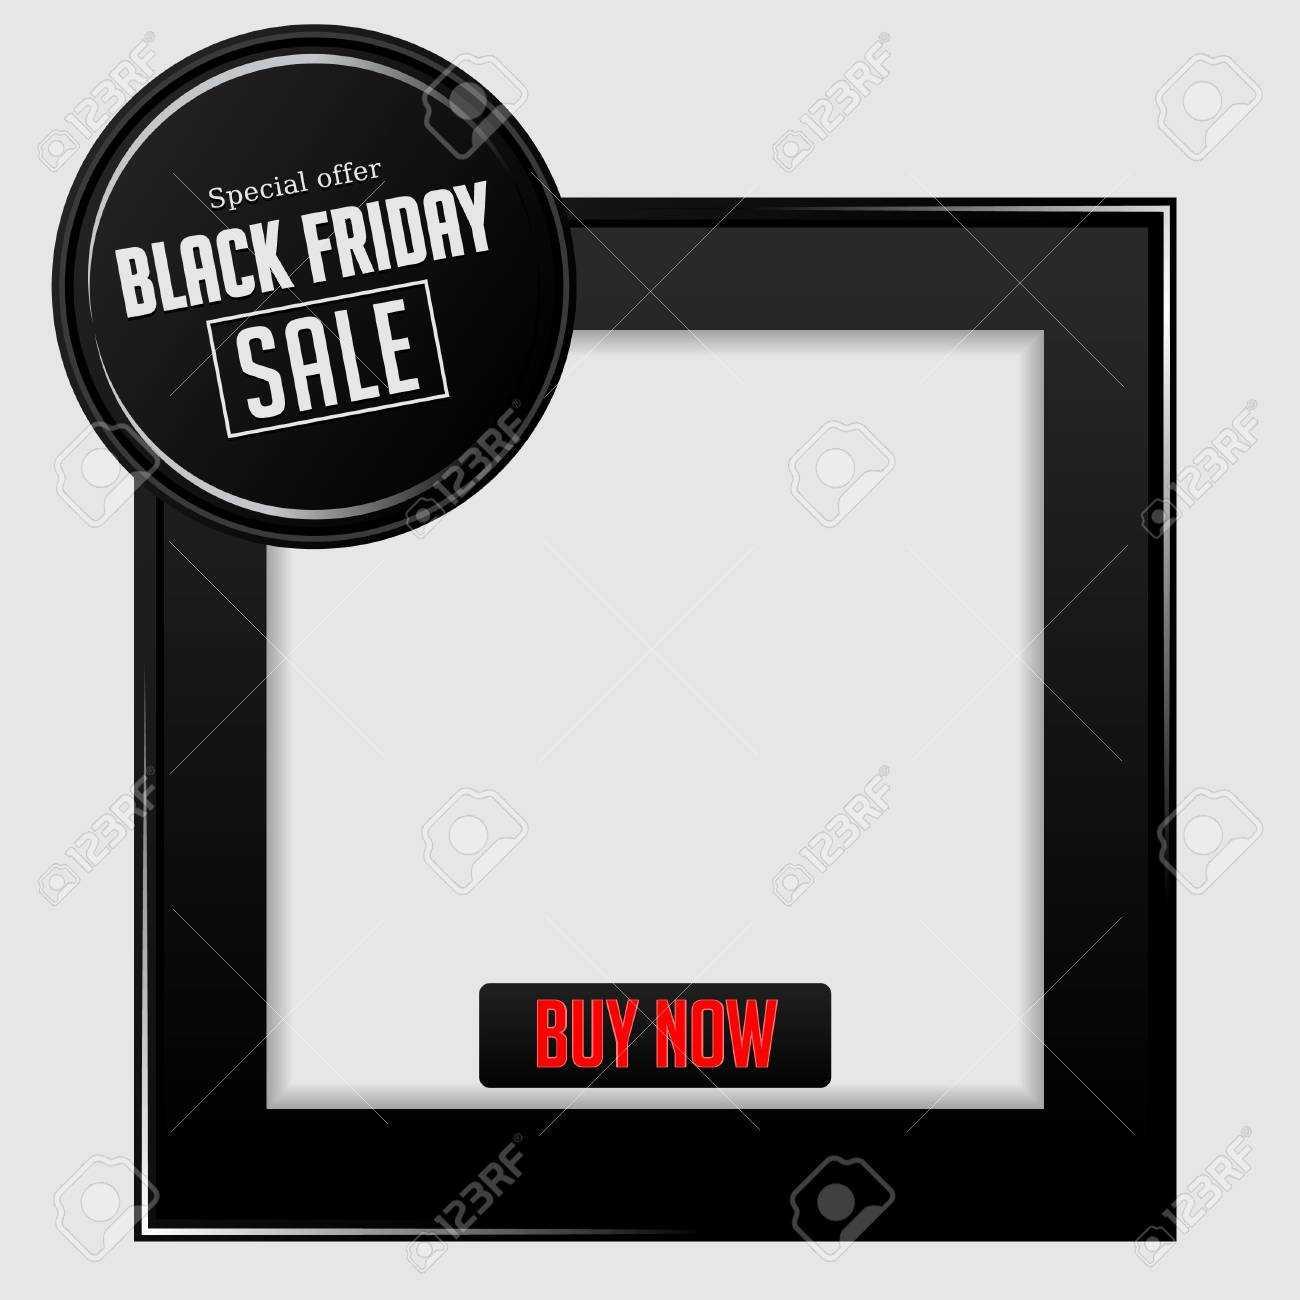 Elegant Black Friday Sale Black Frame Banner Template For Product.. With Product Banner Template